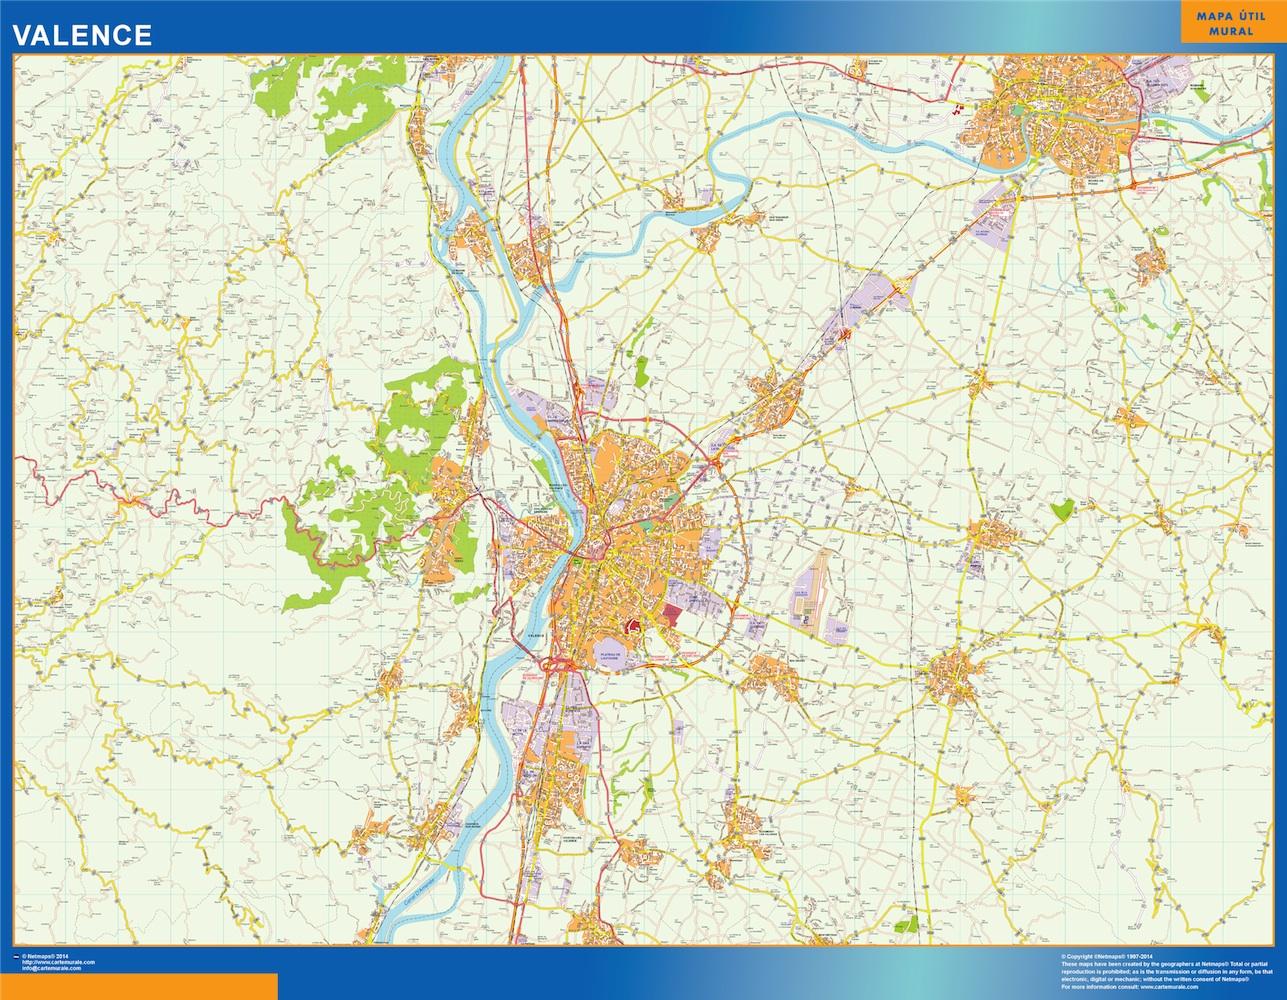 Mapa Valence en Francia plastificado gigante